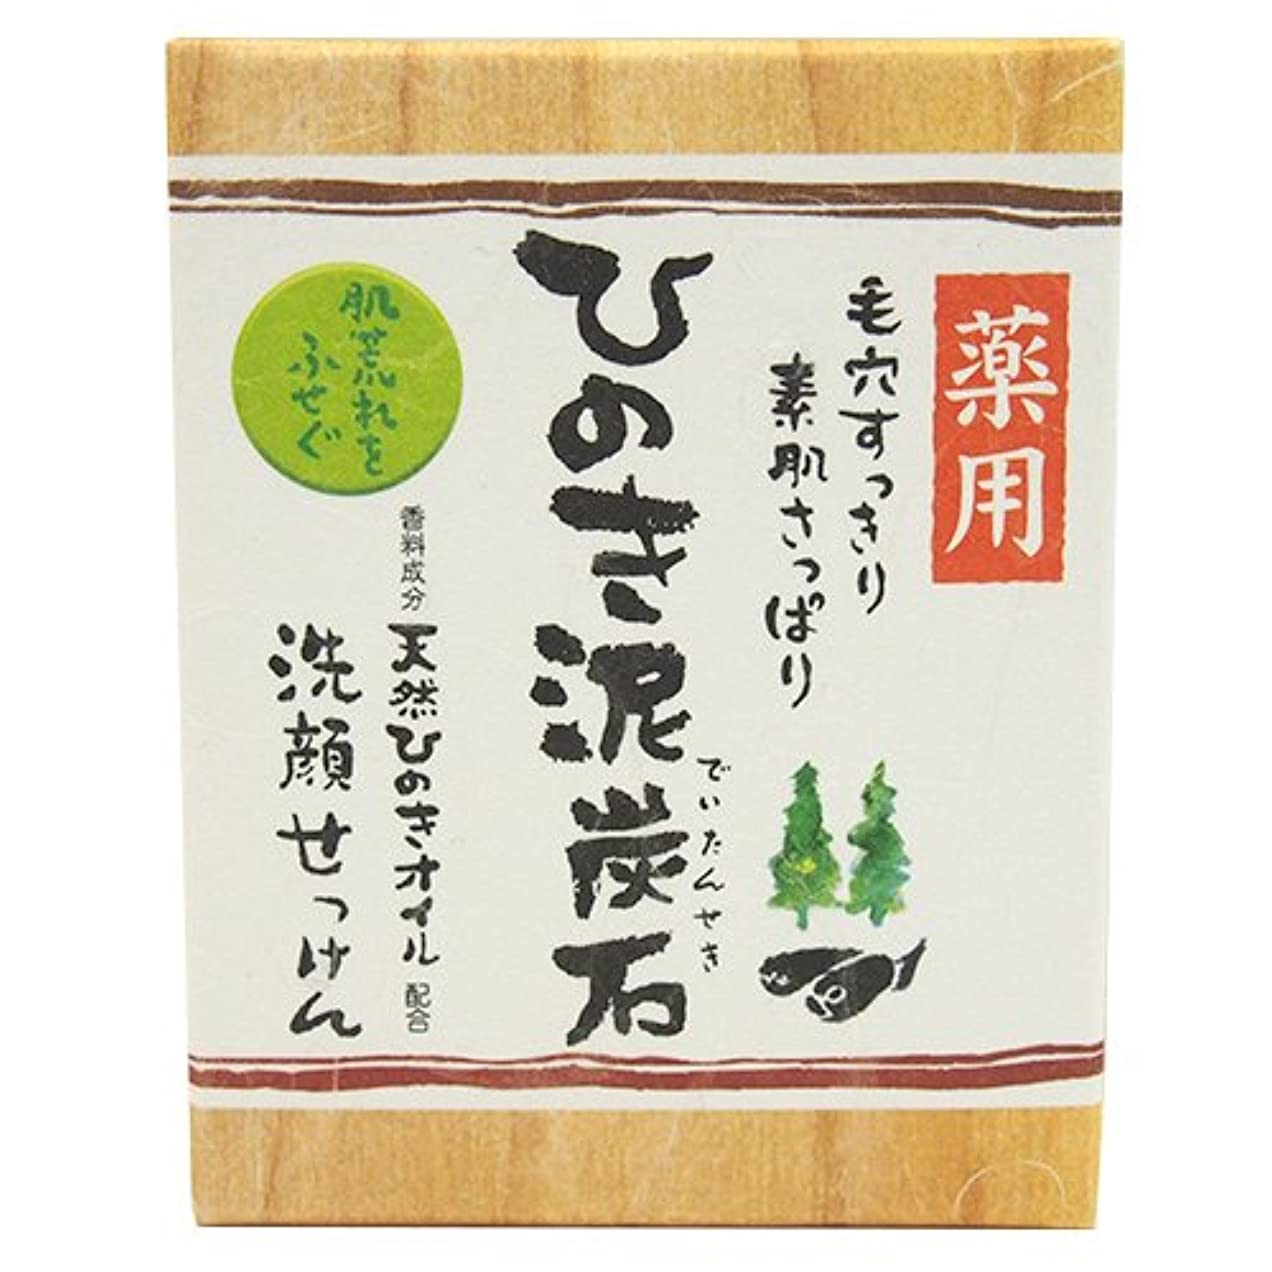 始めるパッドチーター東京宝 薬用ひのき泥炭石 すっきり黒タイプ 洗顔石鹸 75g